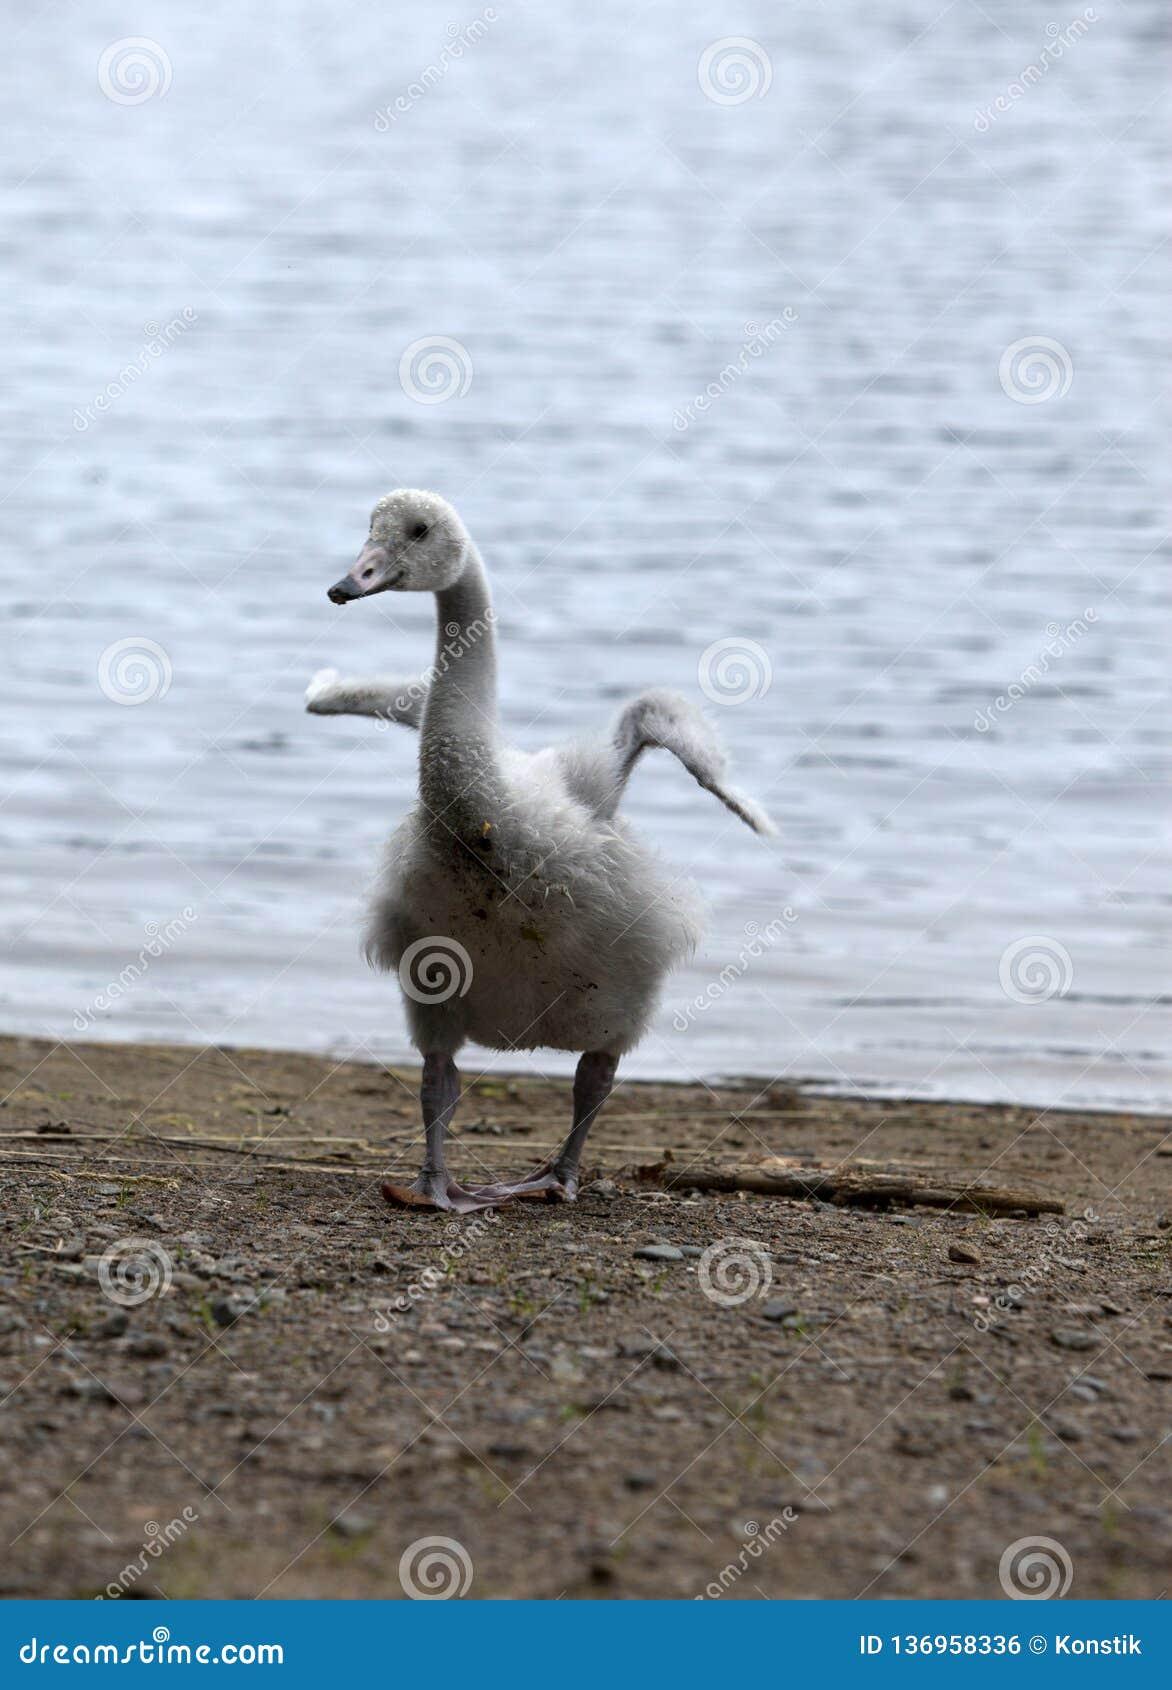 Unga svanen på banken av sjön